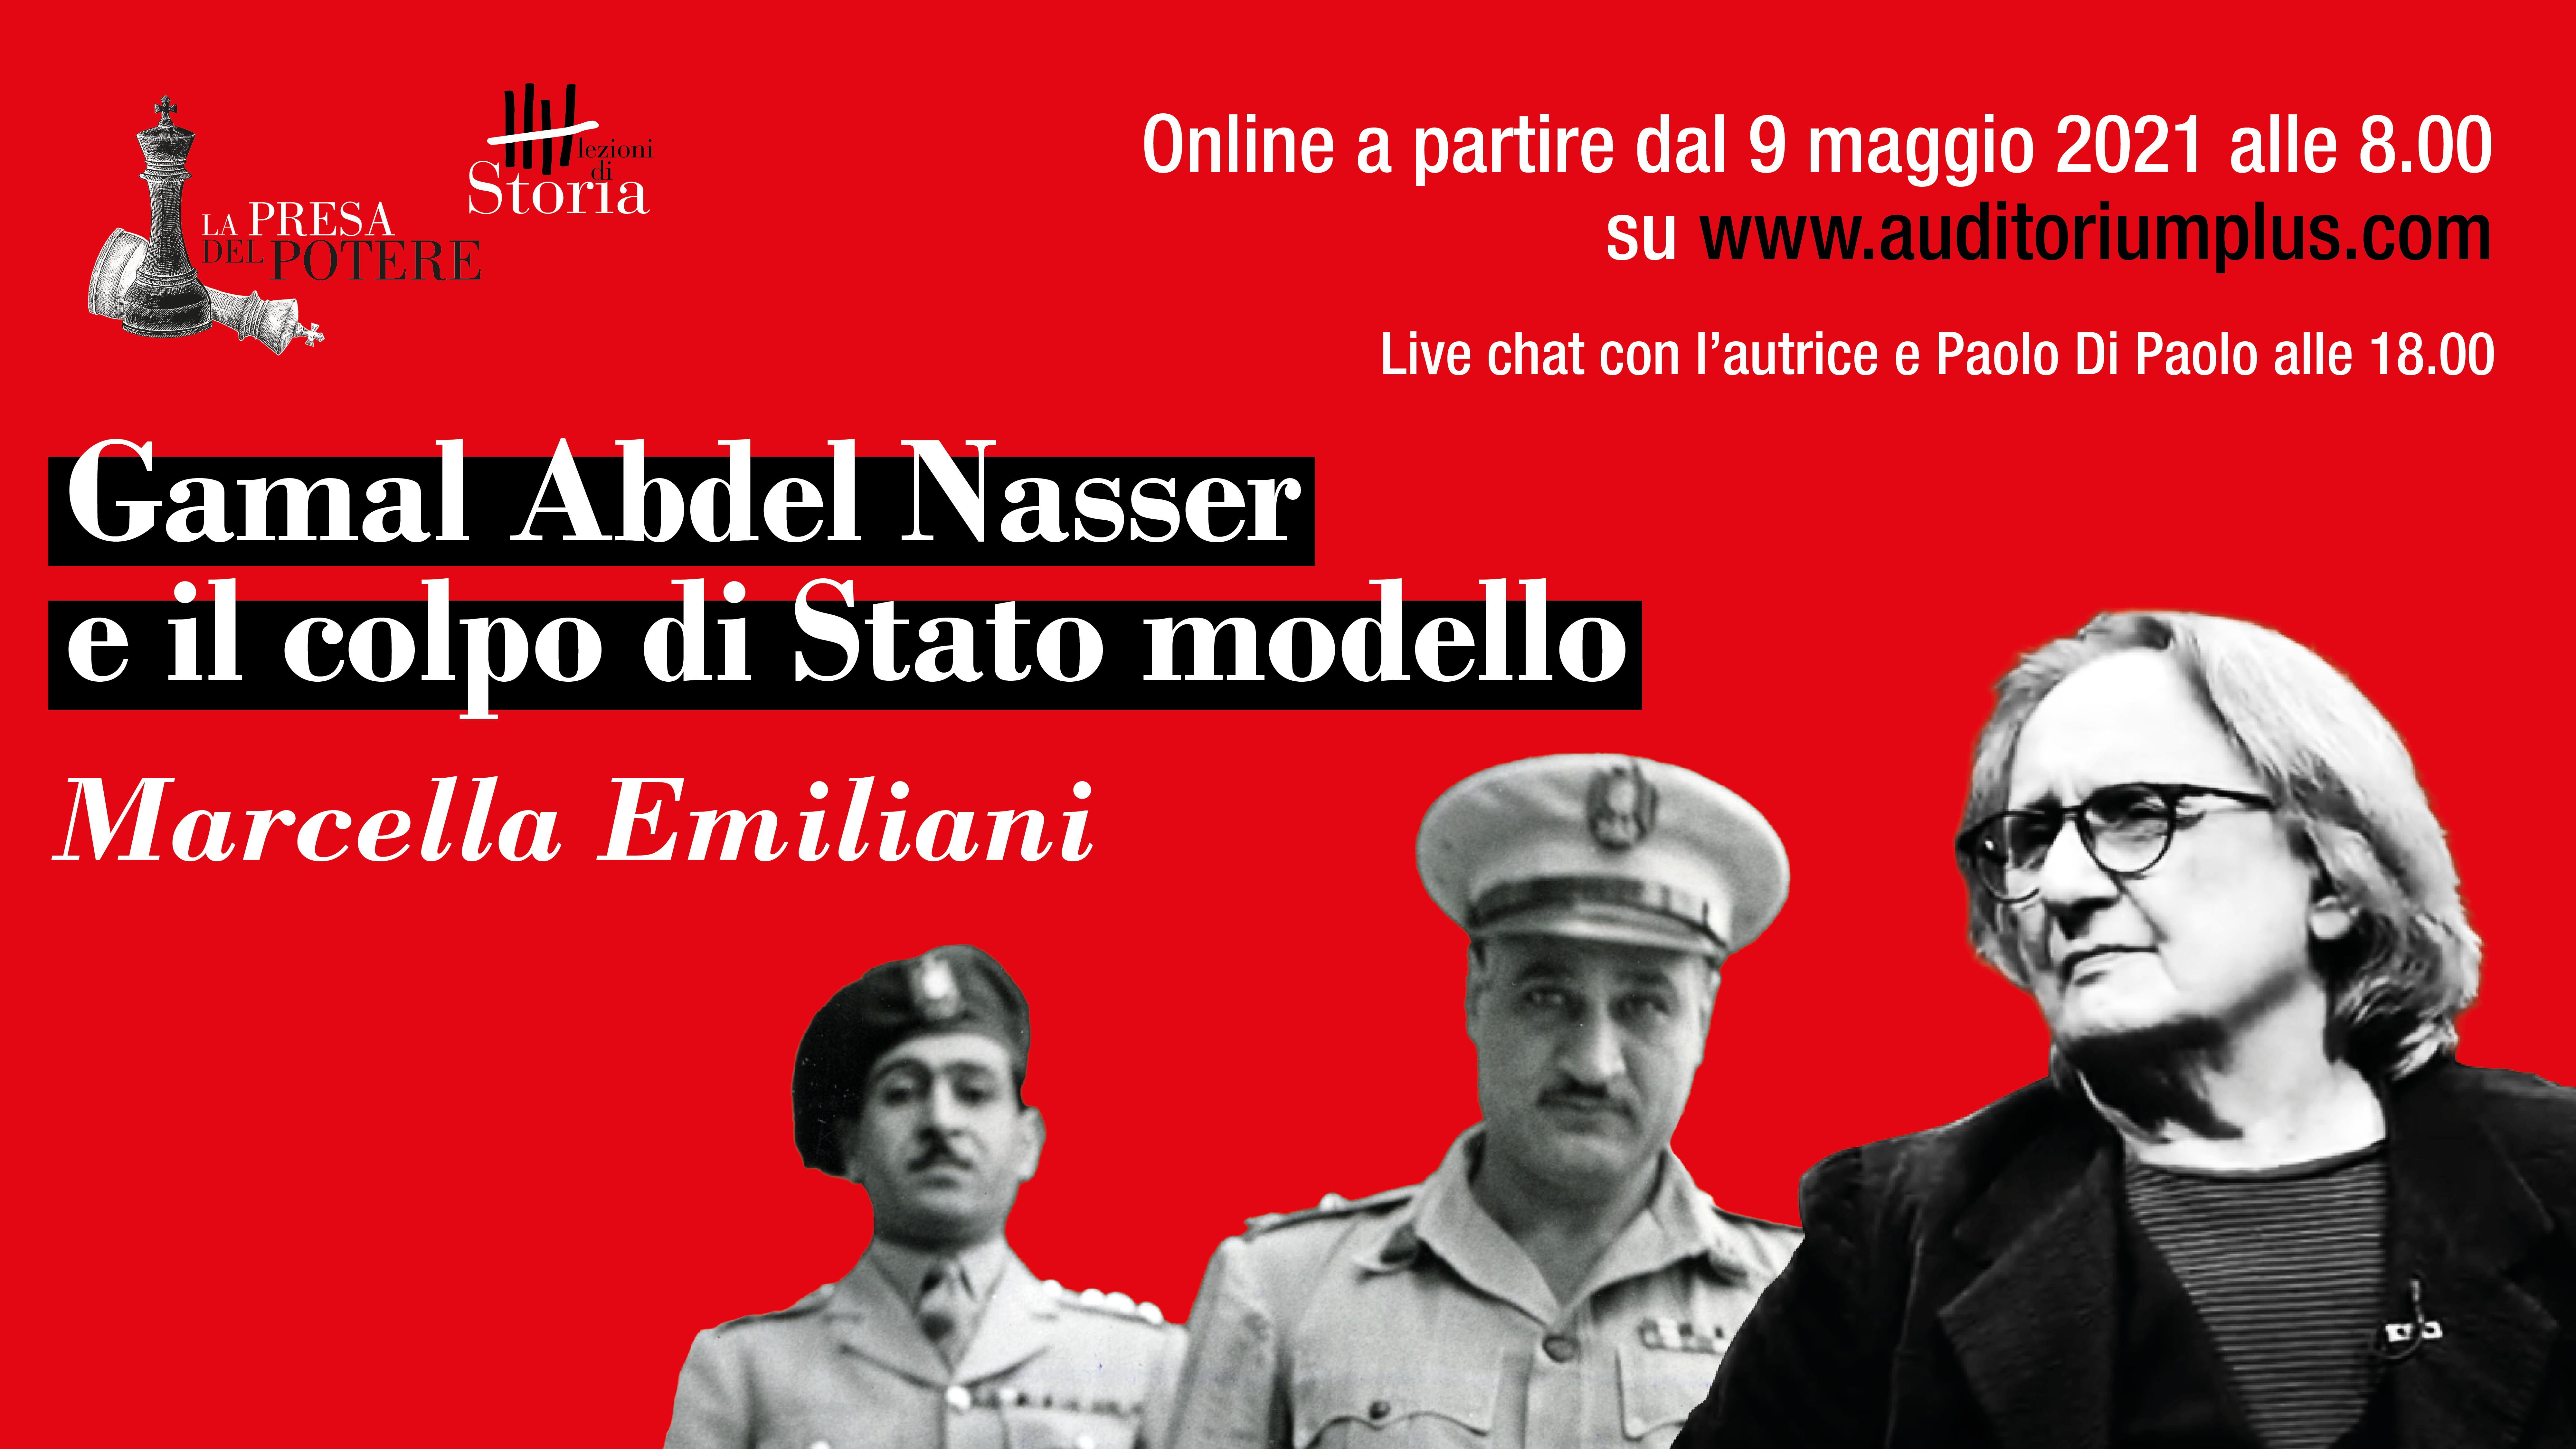 Gamal Abdel Nasser e il colpo di Stato modello